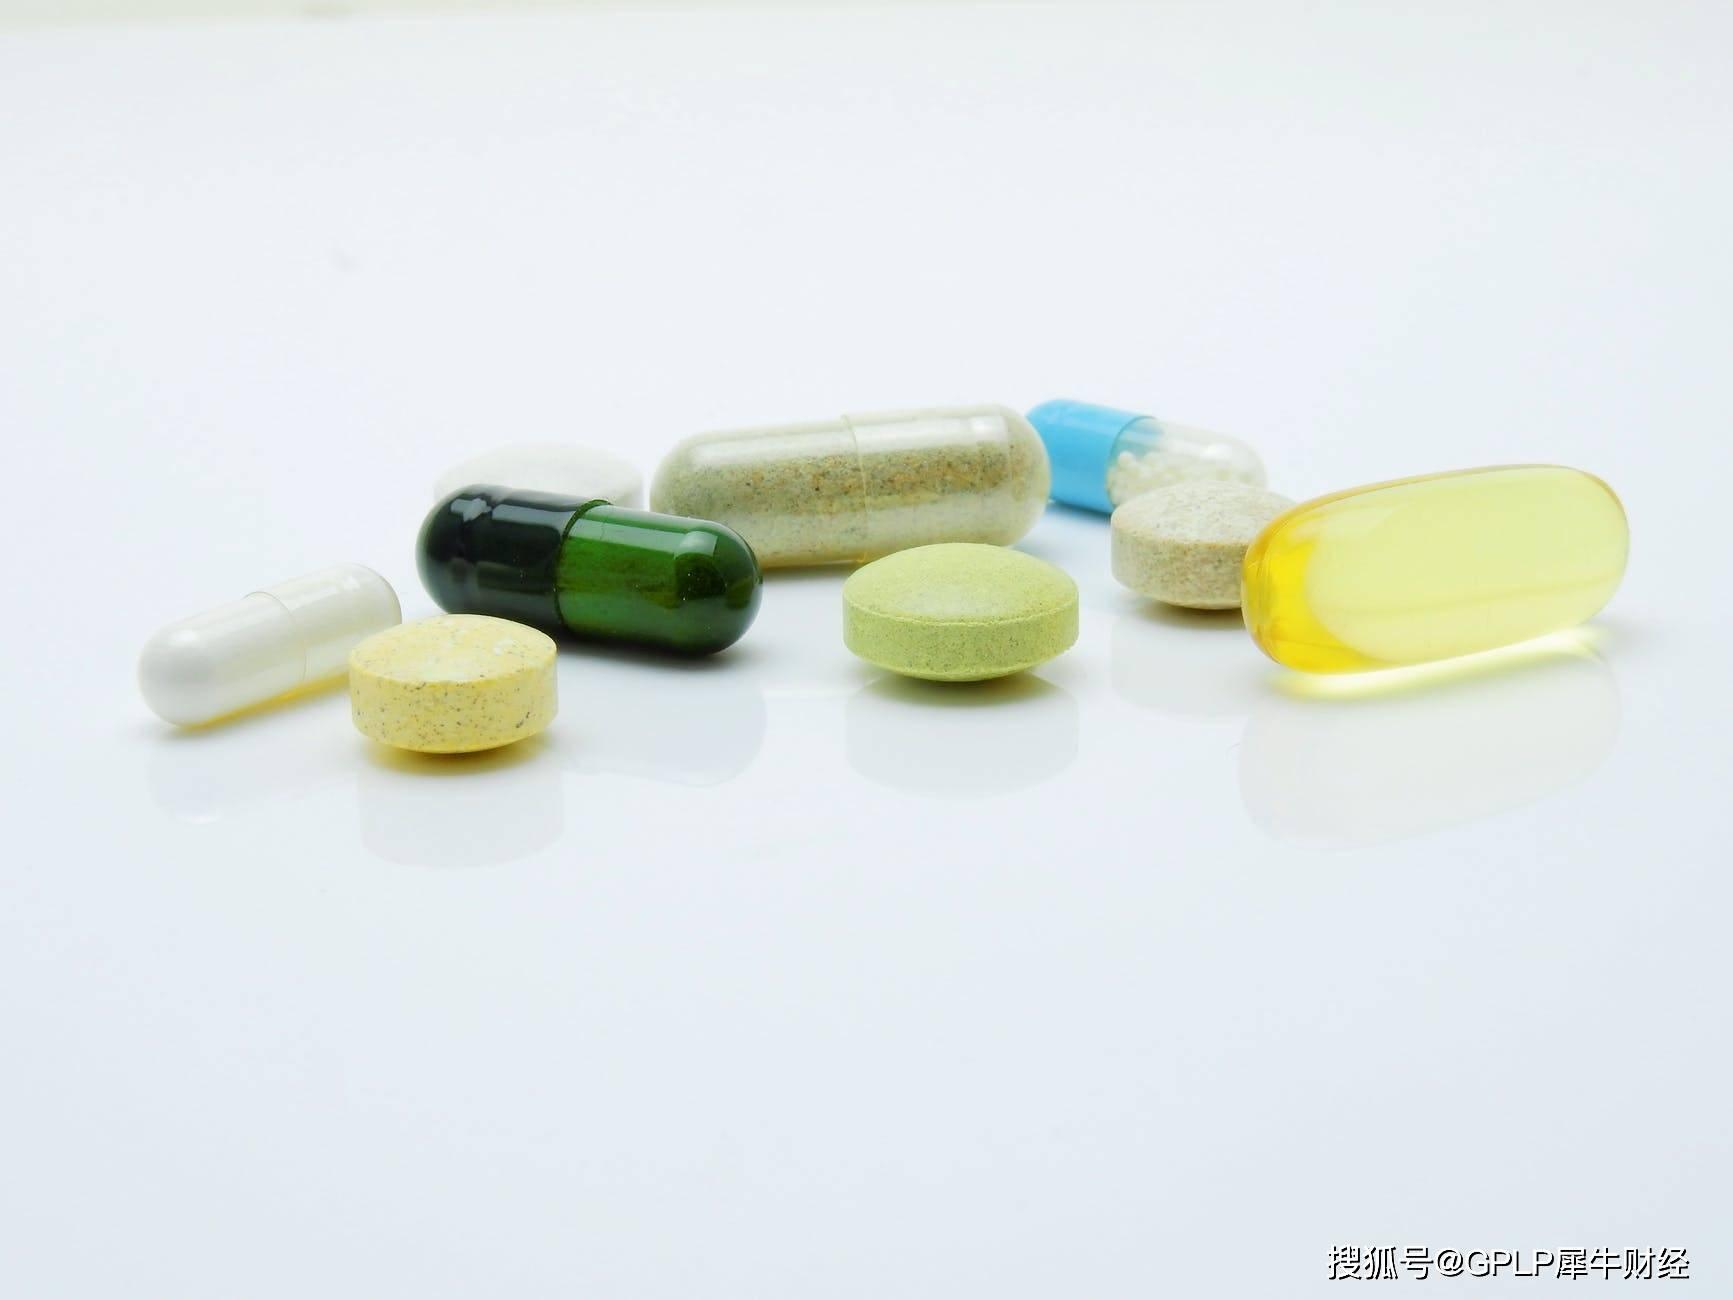 华北制药拟8.86亿元重组进军兽药 6.6亿元购买商标遭问询